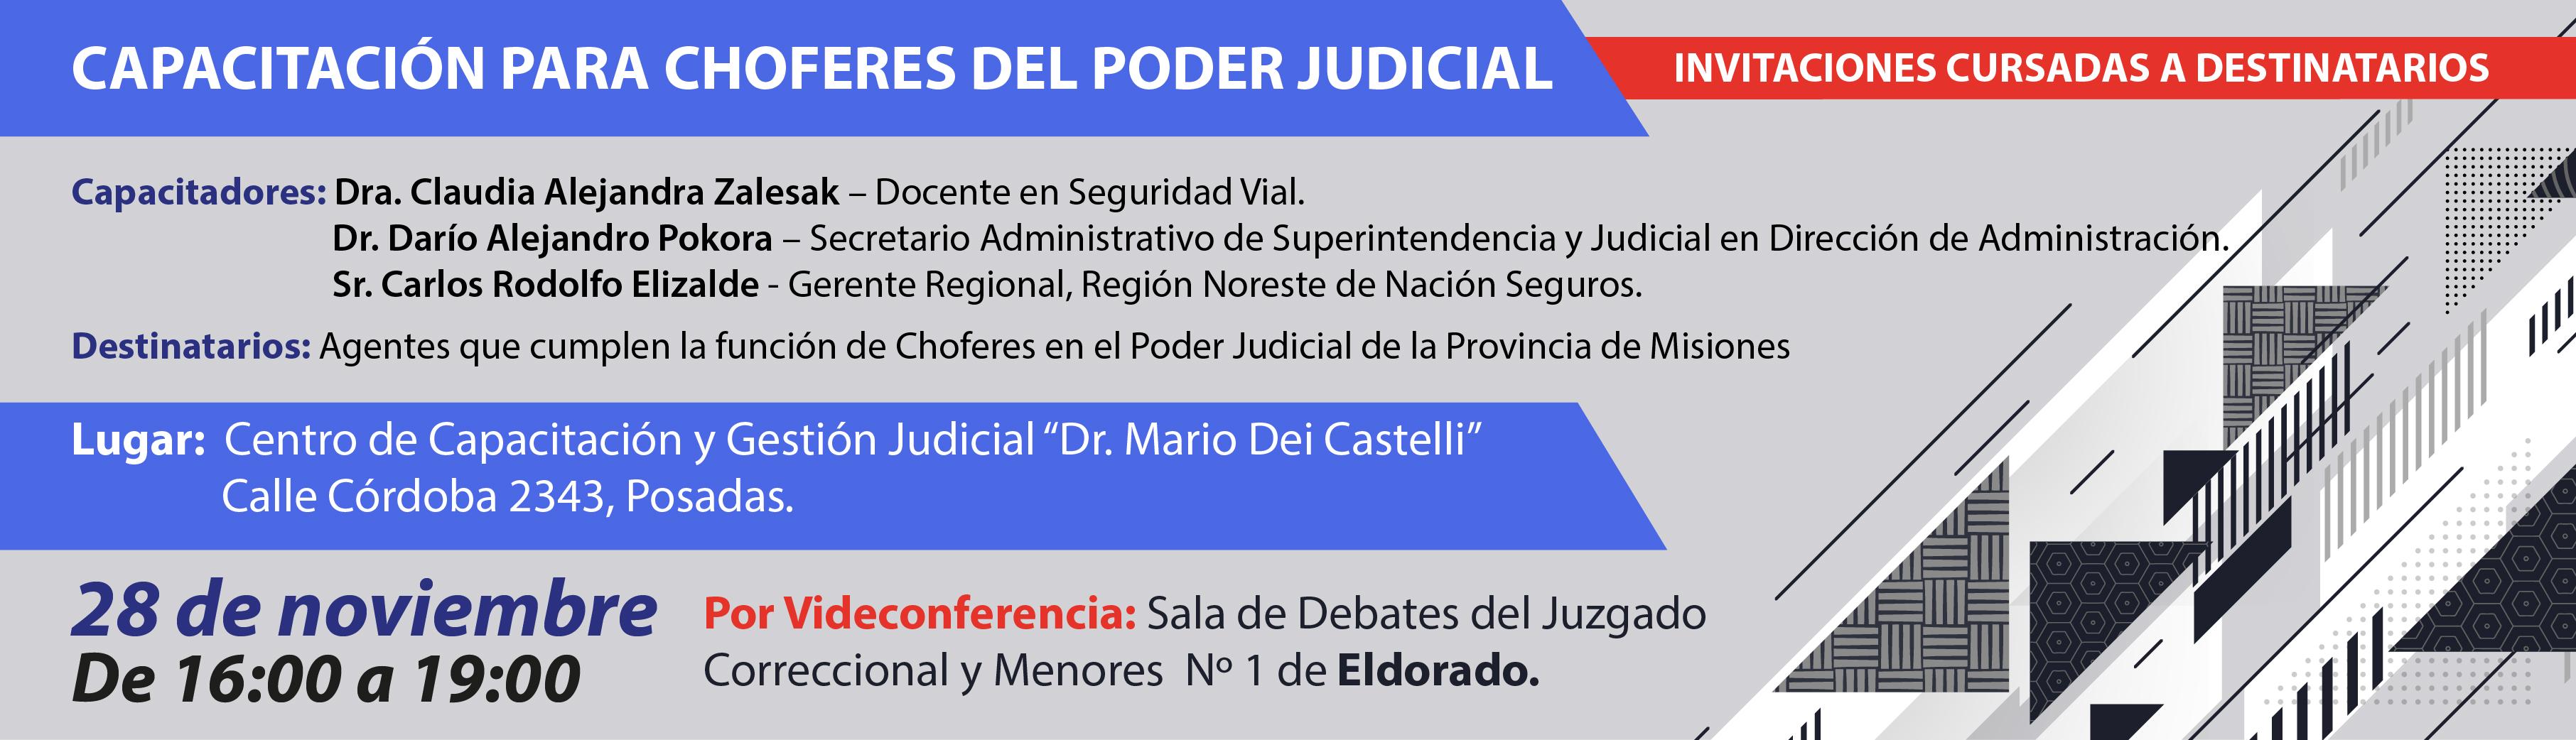 Capacitación para Choferes del Poder Judicial